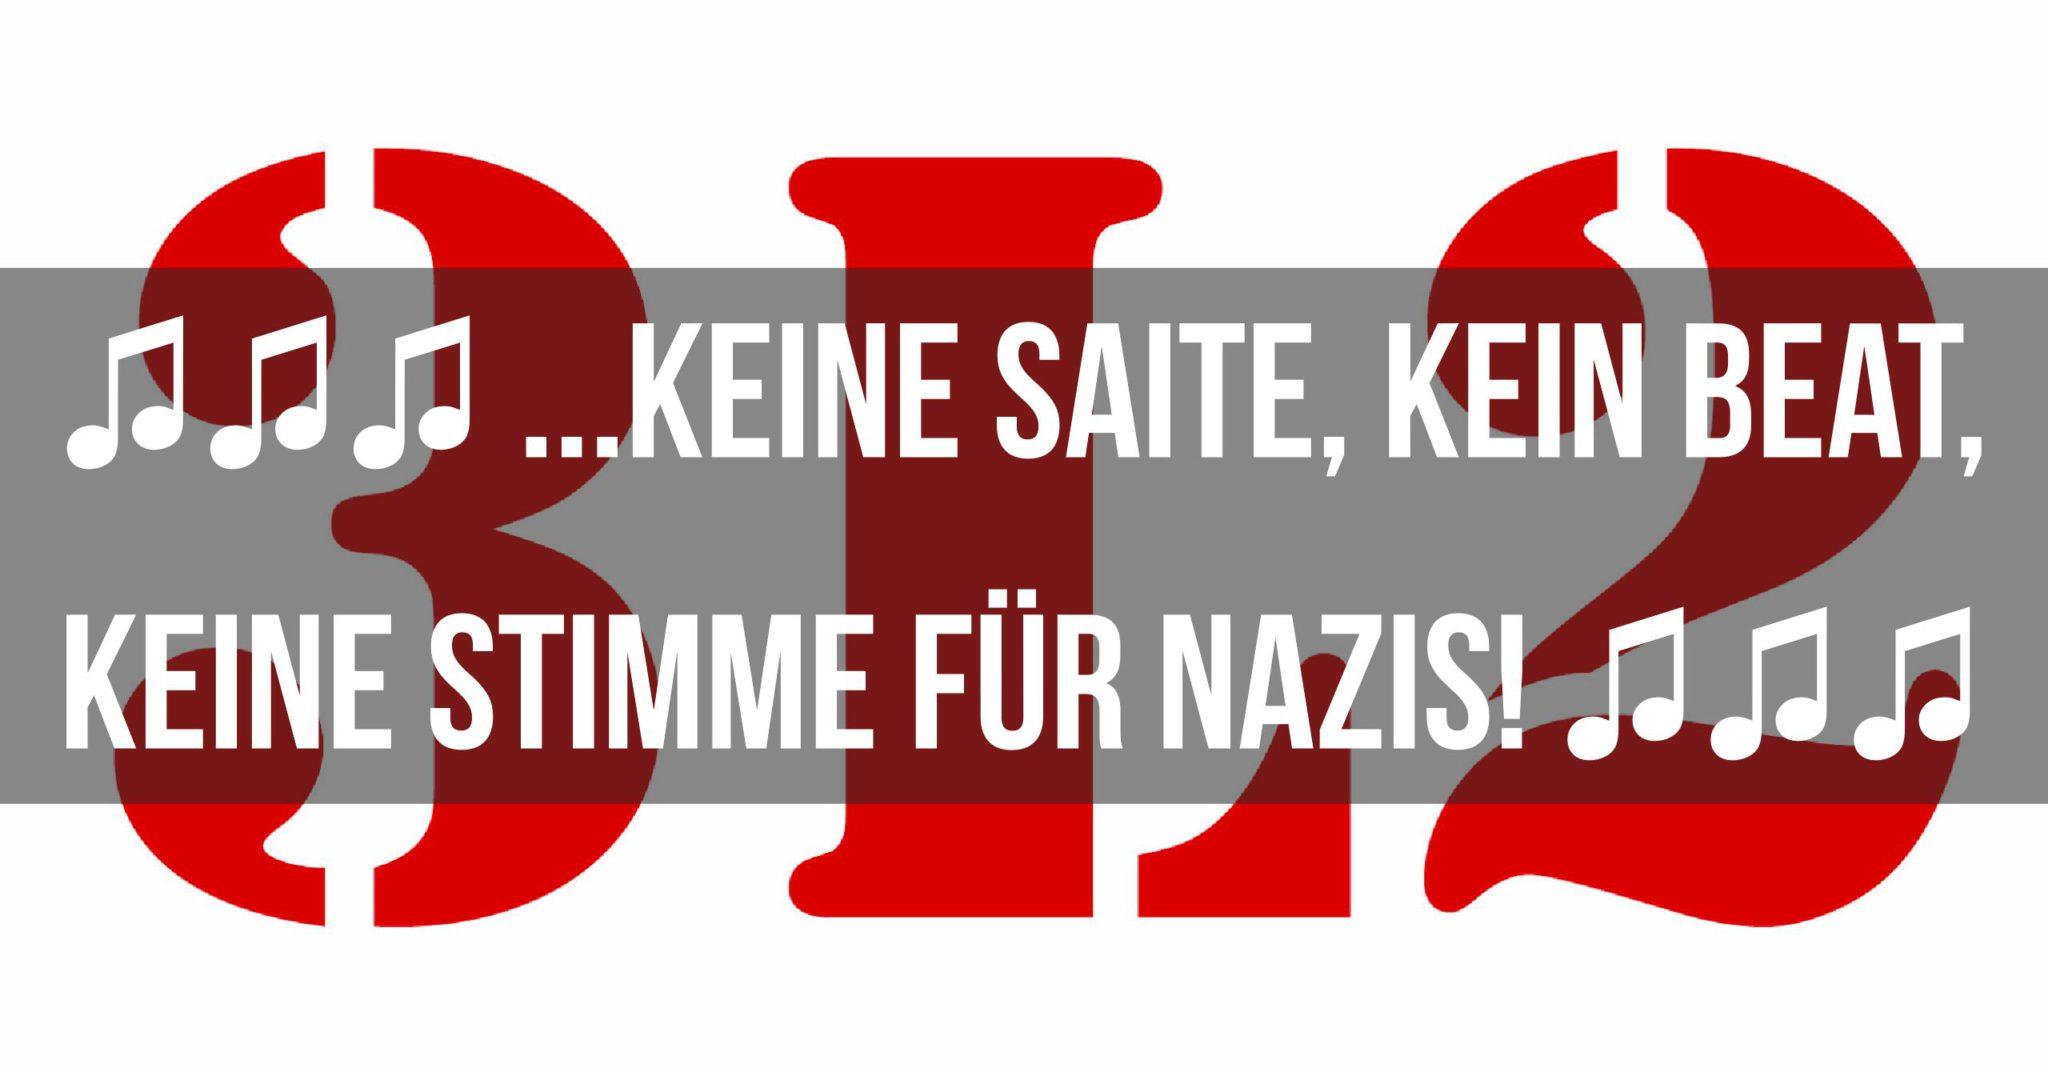 Die 3 lustigen 2 - Keine Stimme für Nazis